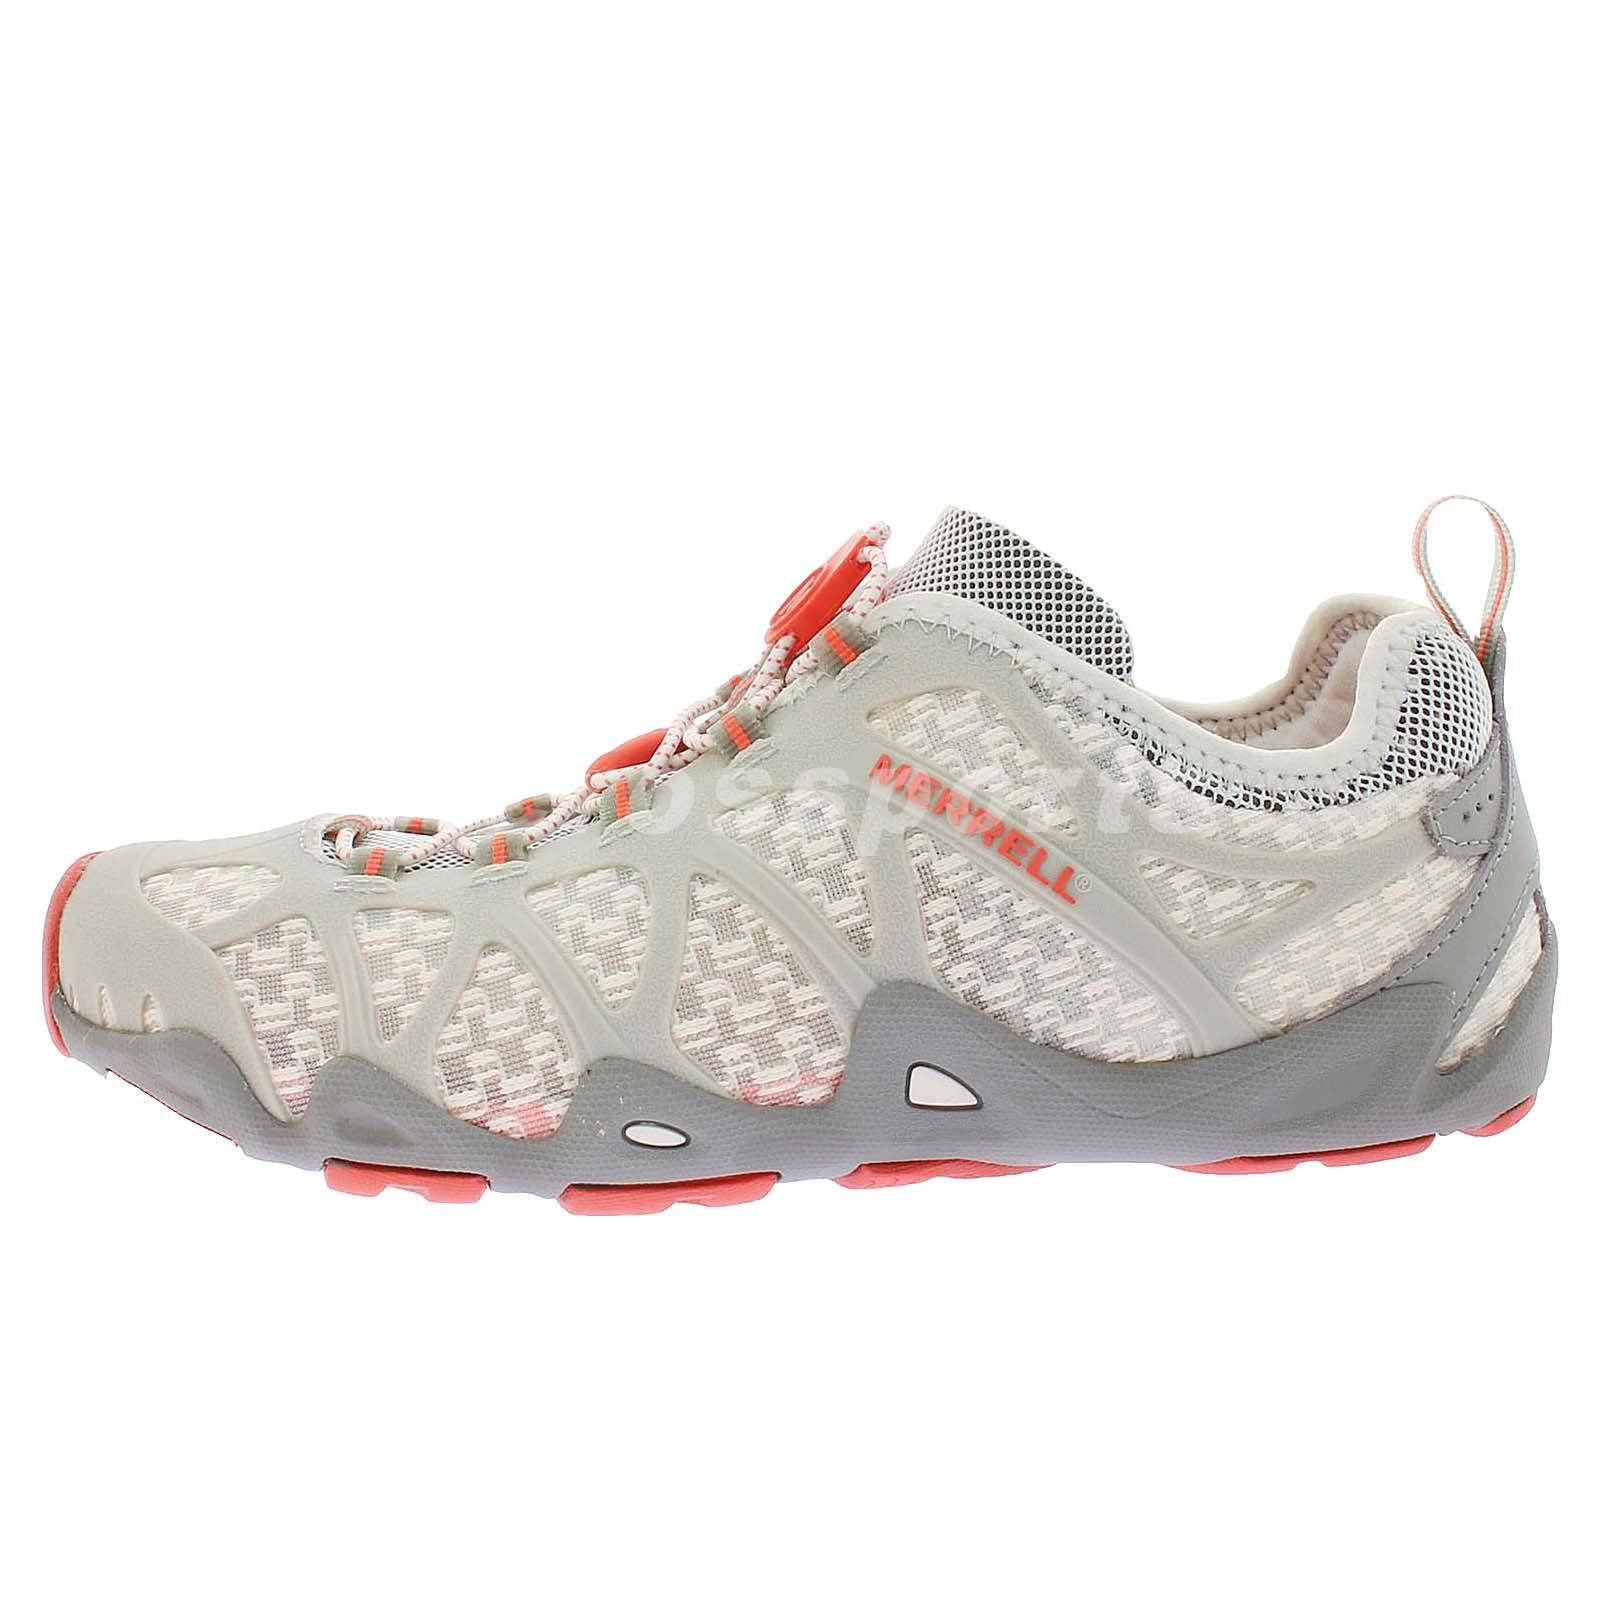 merrell aquaterra nymph womens aqua water shoes